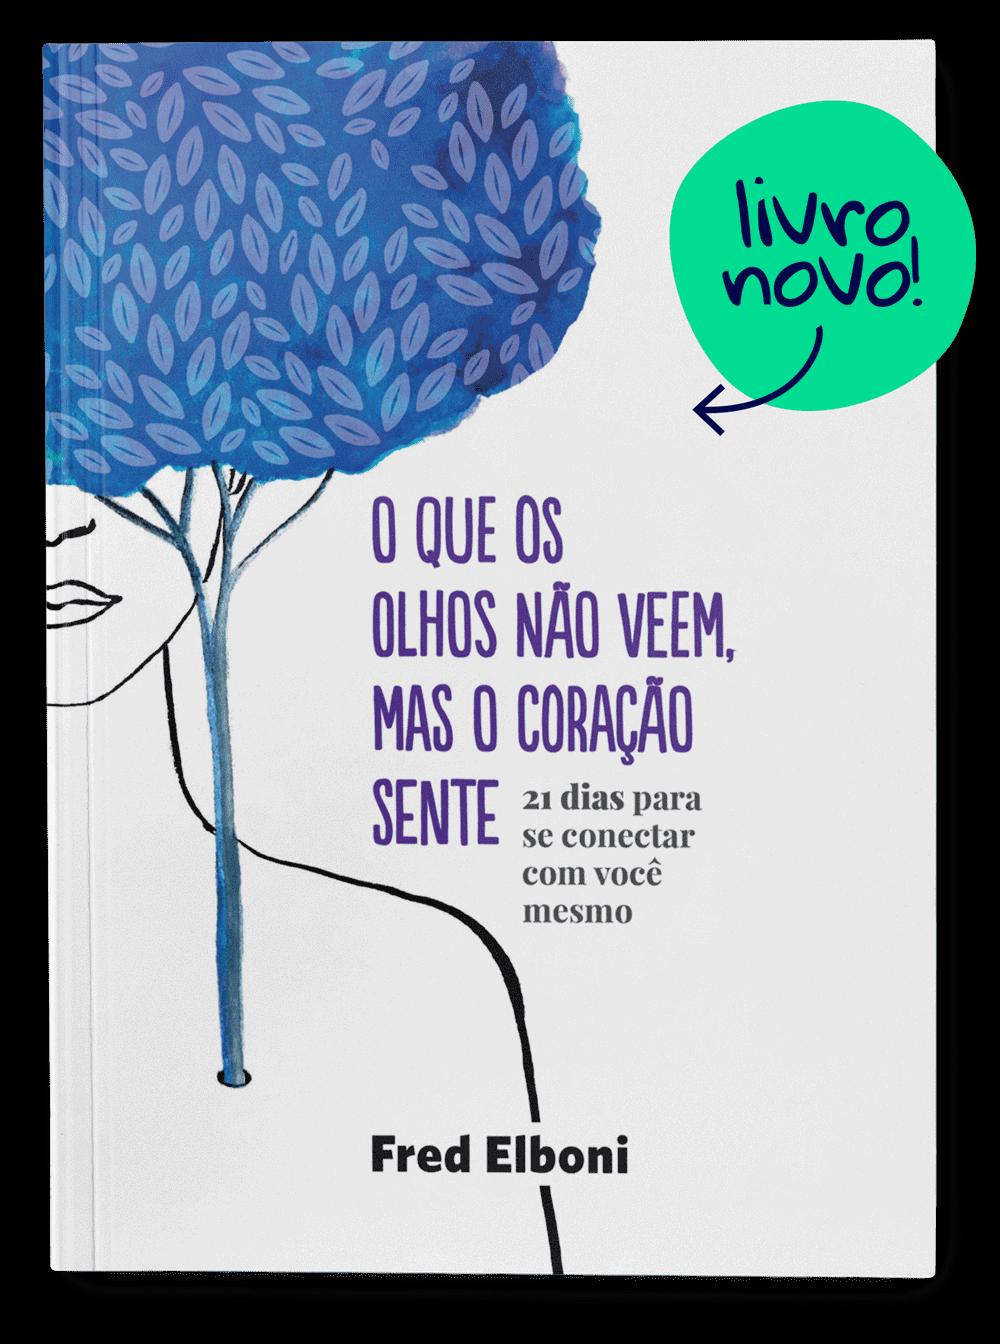 livro_oqueosolhos_novo